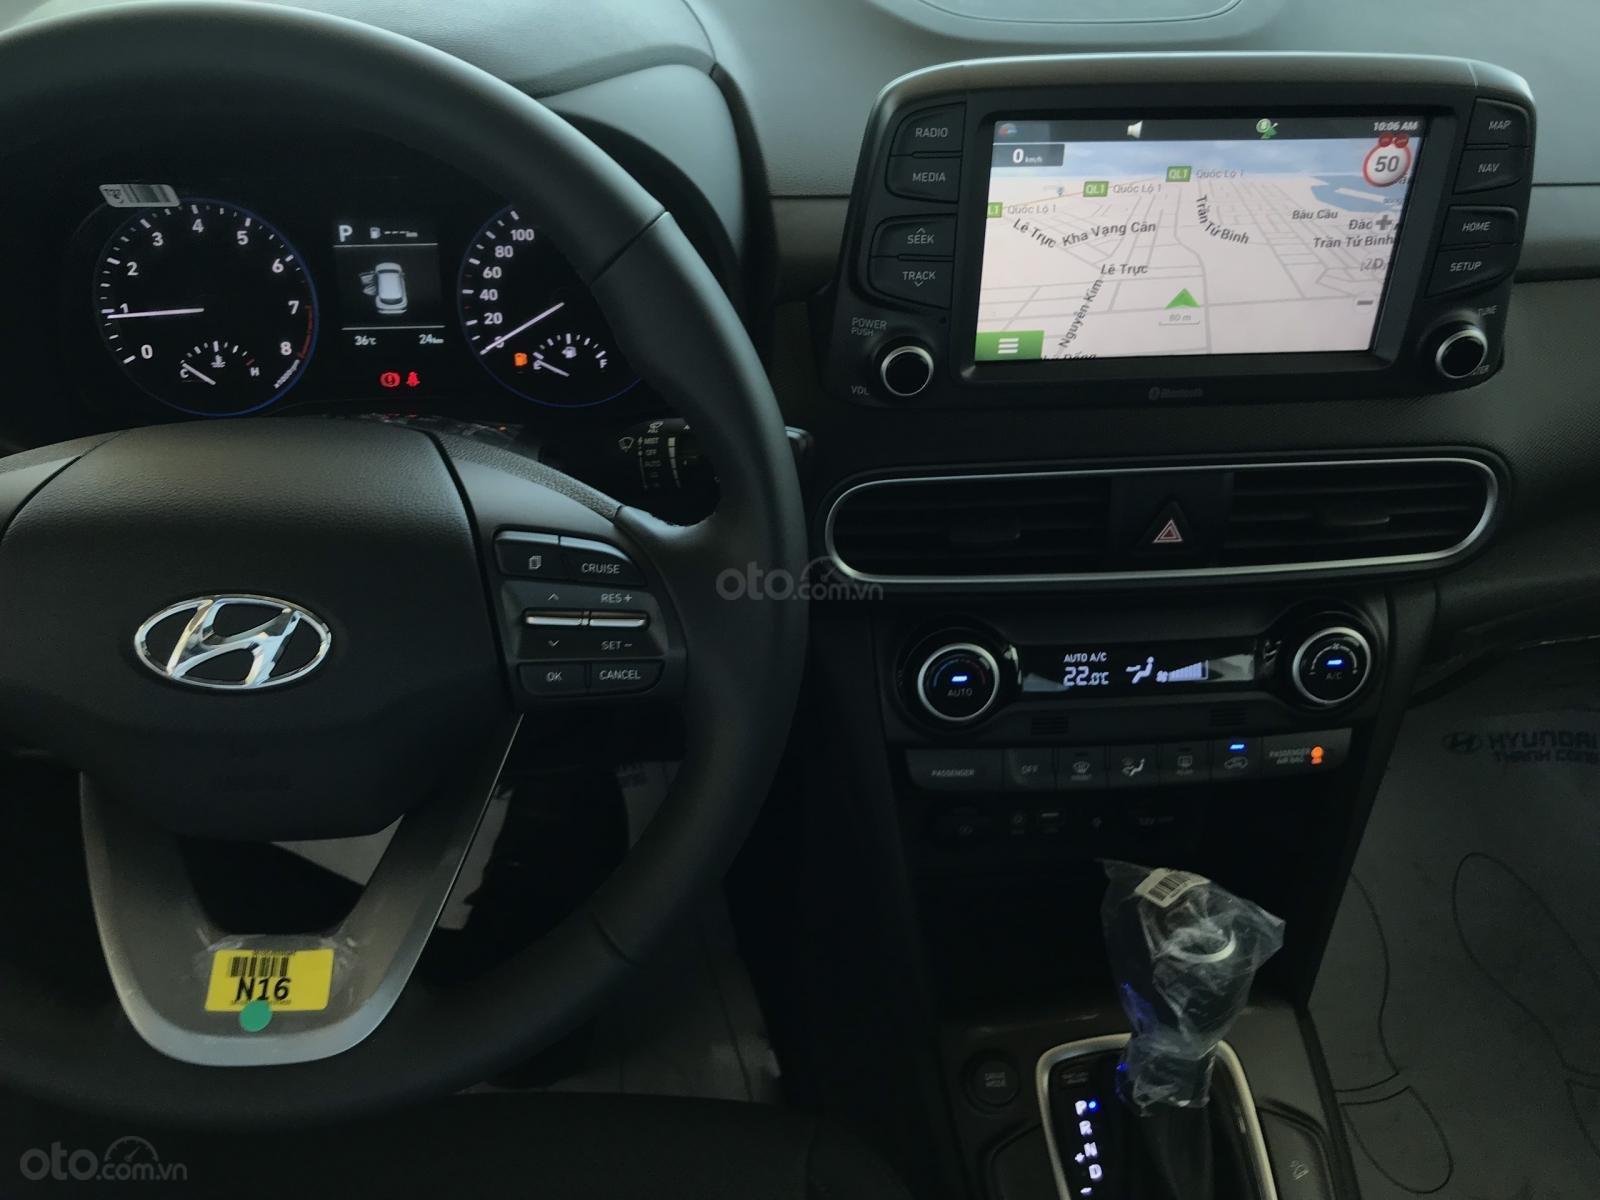 Cần bán Hyundai Kona 2019, tặng ngay 3 món phụ kiện khi đặt cọc xe, liên hệ: 0905976950 (7)